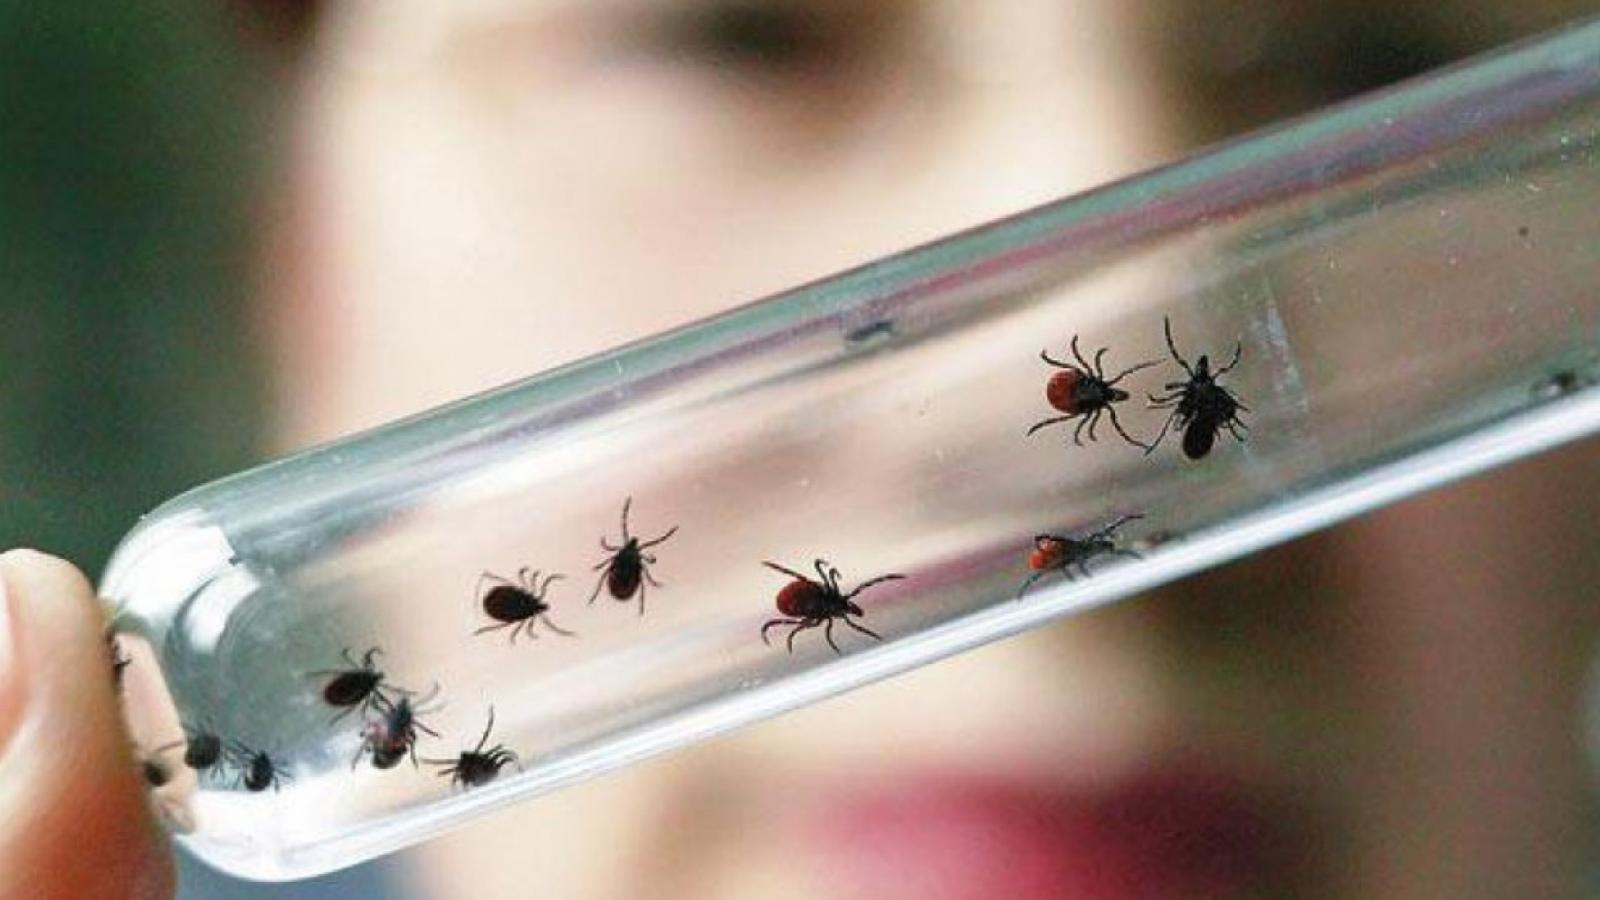 Около 14 тысяч вологжан пострадали от укусов клещей